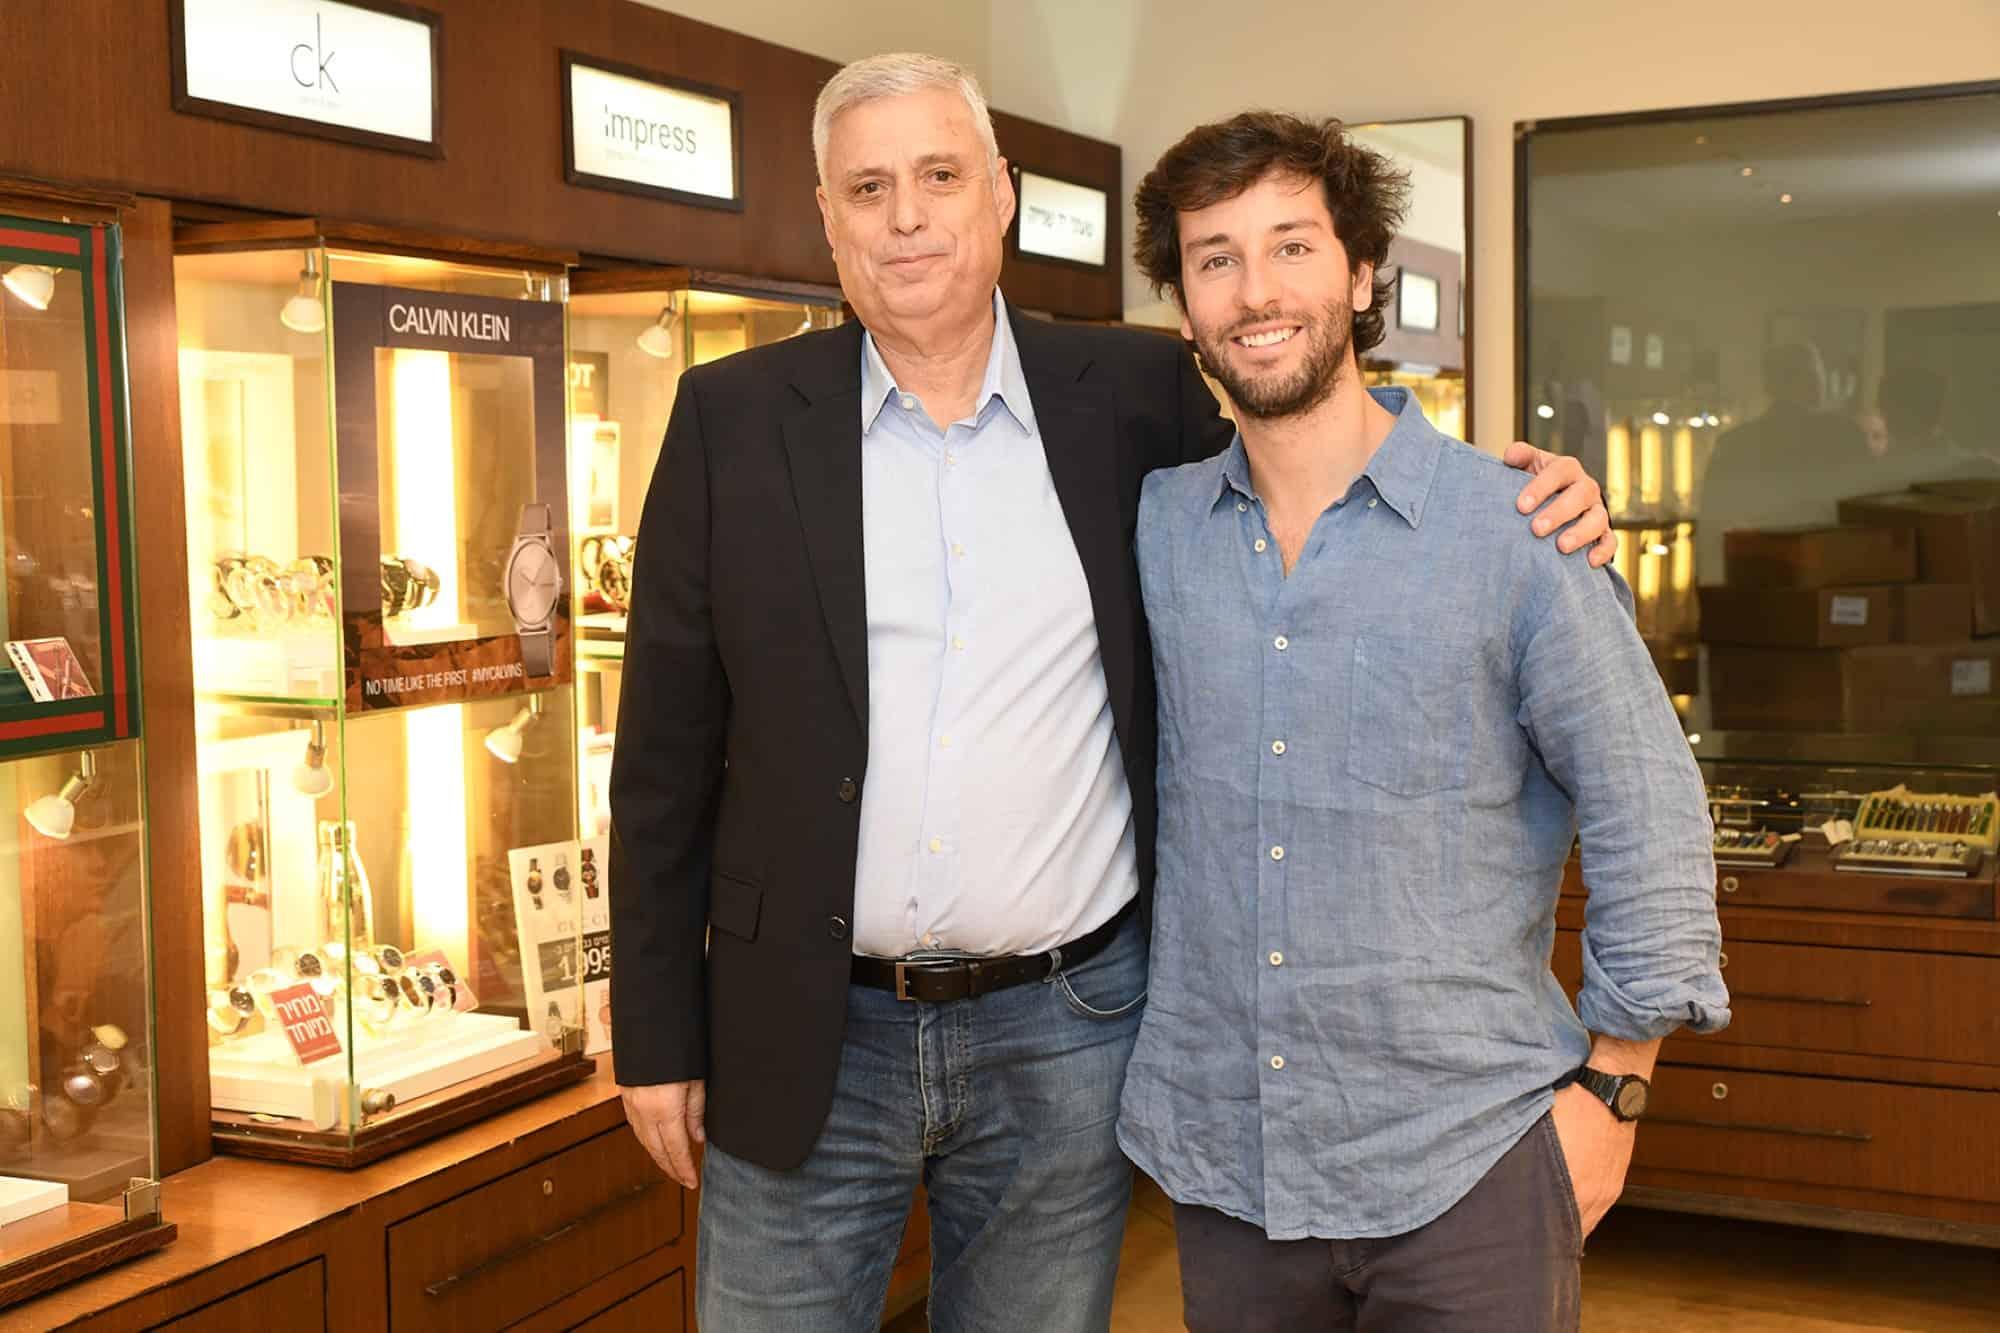 מימין לשמאל: דאריו ספלונה ודודו פולטורק. צילום: אלעד גוטמן